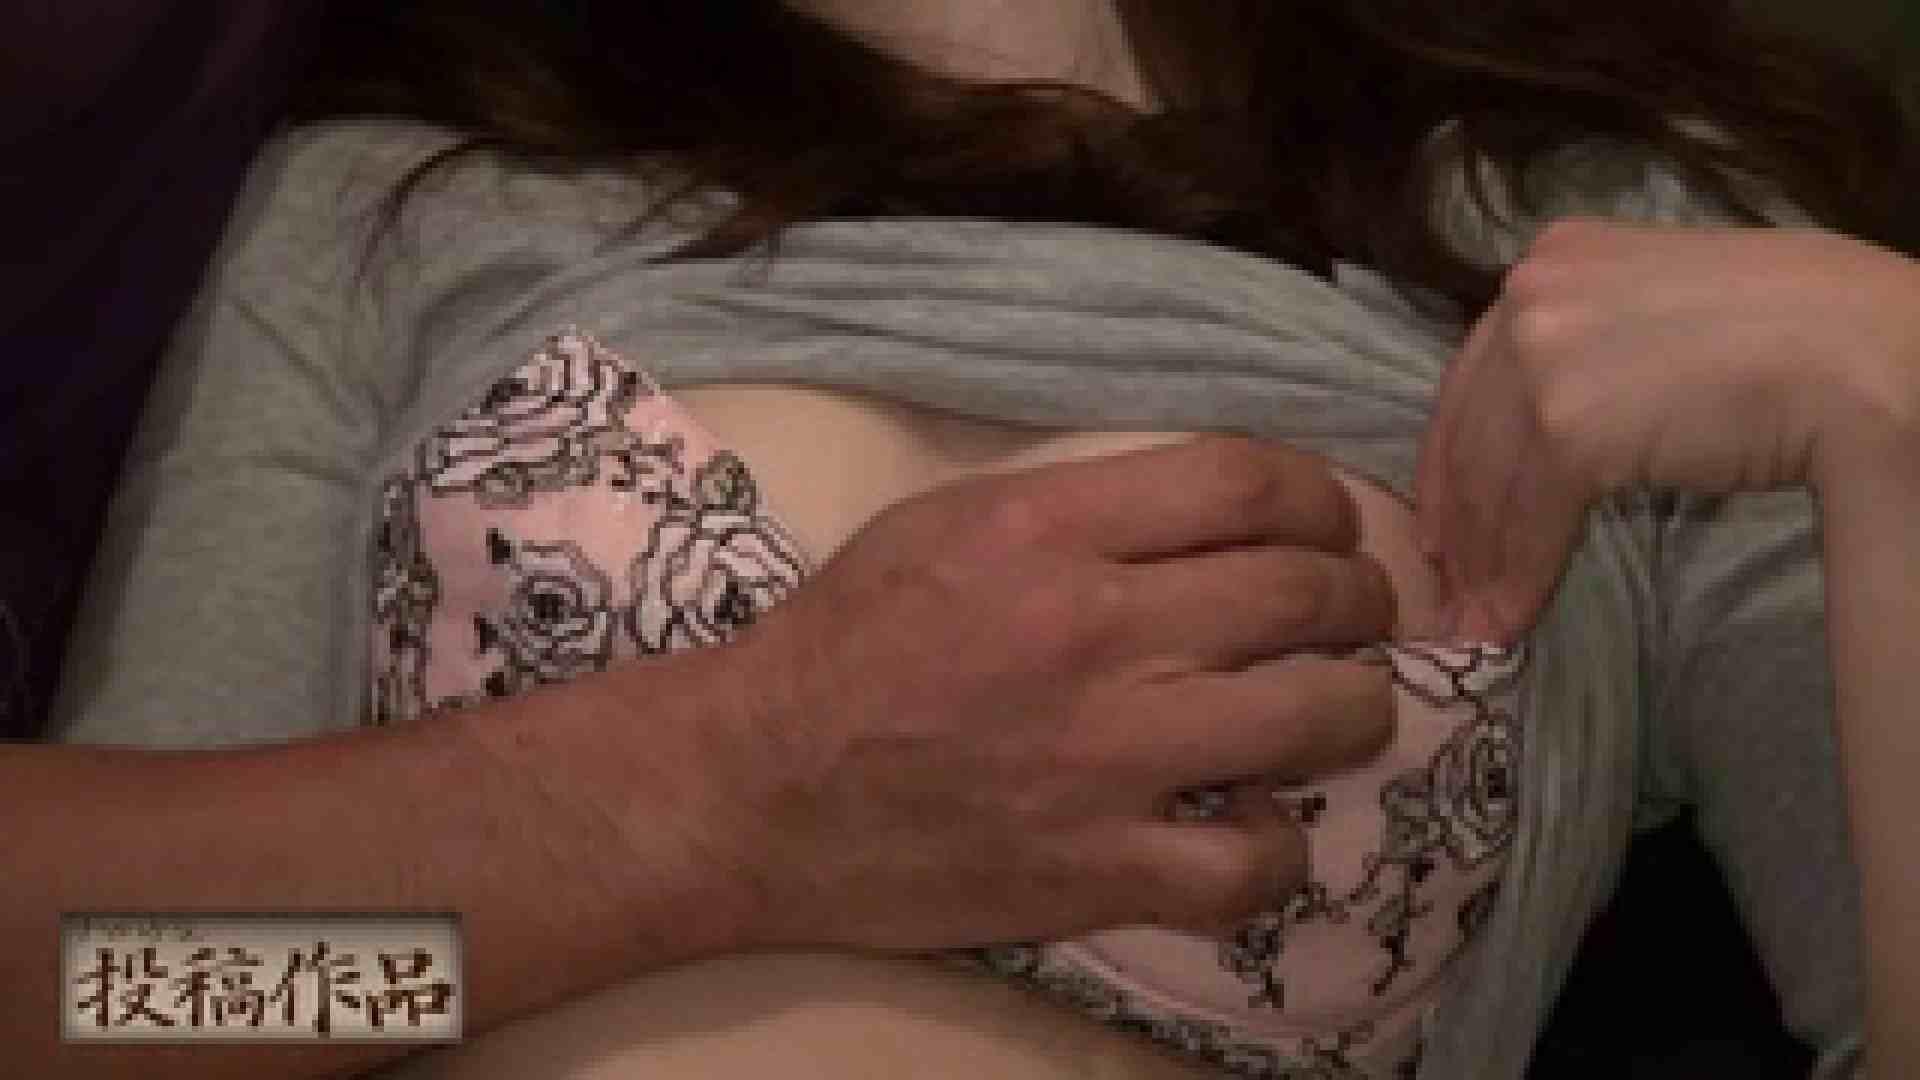 無修正エロ動画:ナマハゲさんのまんこコレクション第3弾 sachiko:大奥